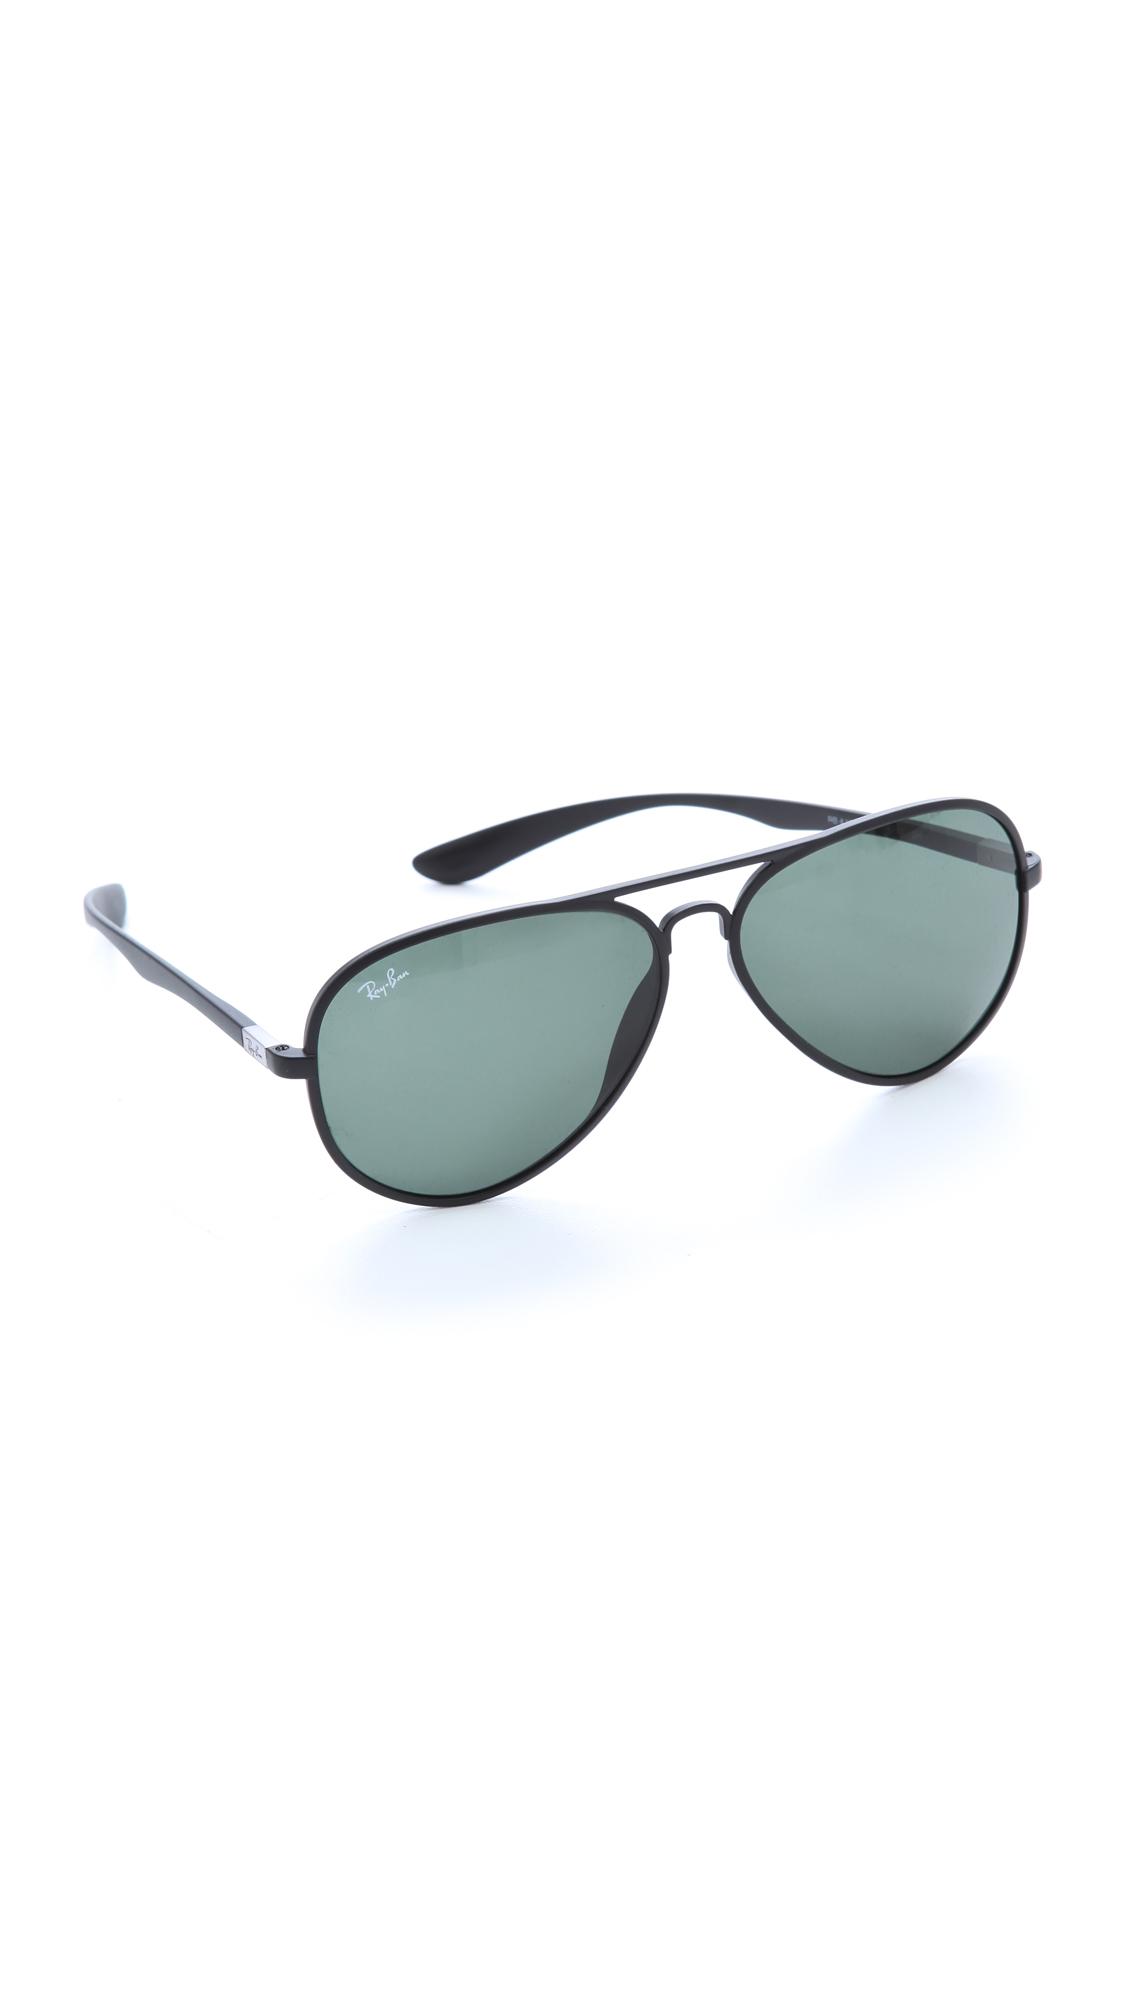 ray ban sunglasses  ray ban sunglasses